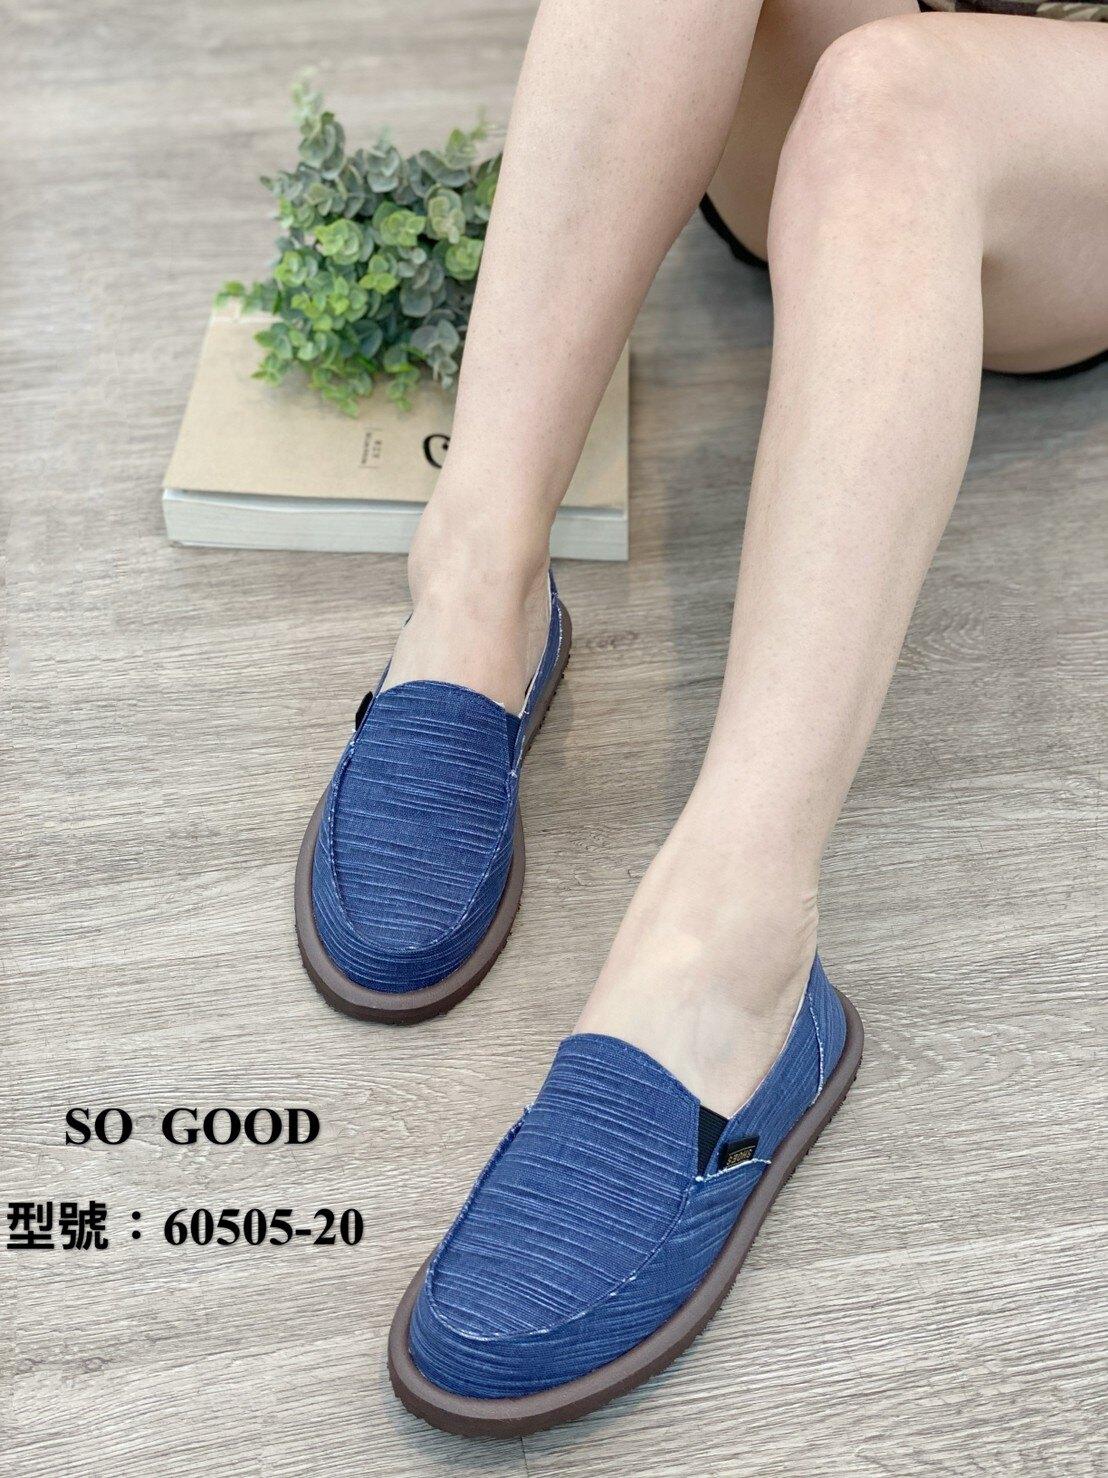 台灣手工舒適時尚經典柔軟真皮女鞋平底休閒鞋樂芙鞋娃娃鞋 60505-20